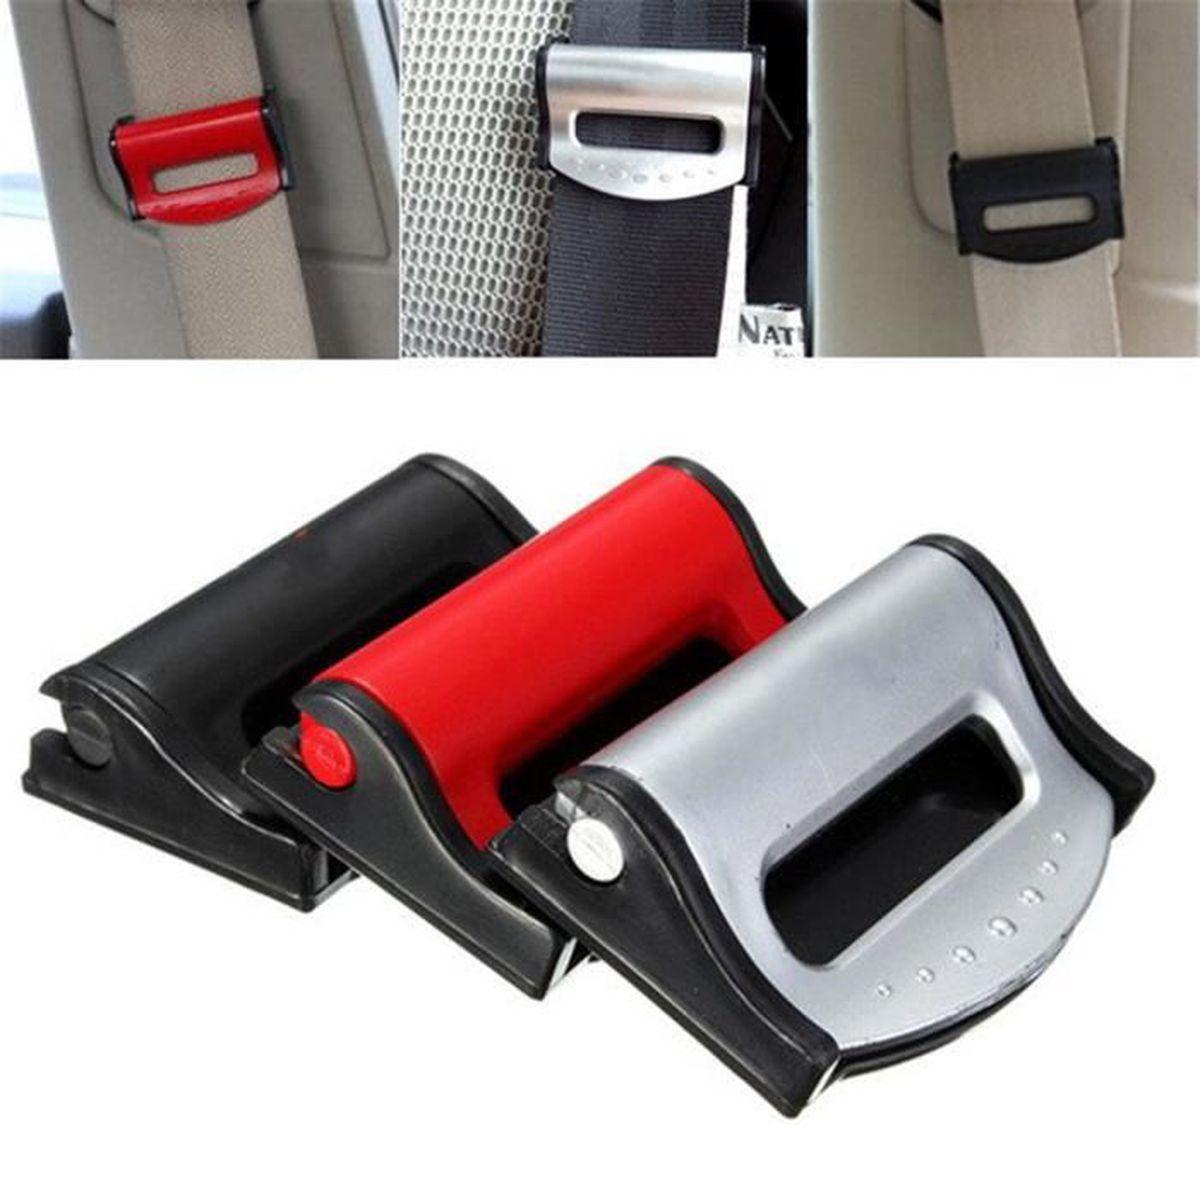 clip pince bloque ceinture de s curit universel argent blocage auto voiture achat vente. Black Bedroom Furniture Sets. Home Design Ideas